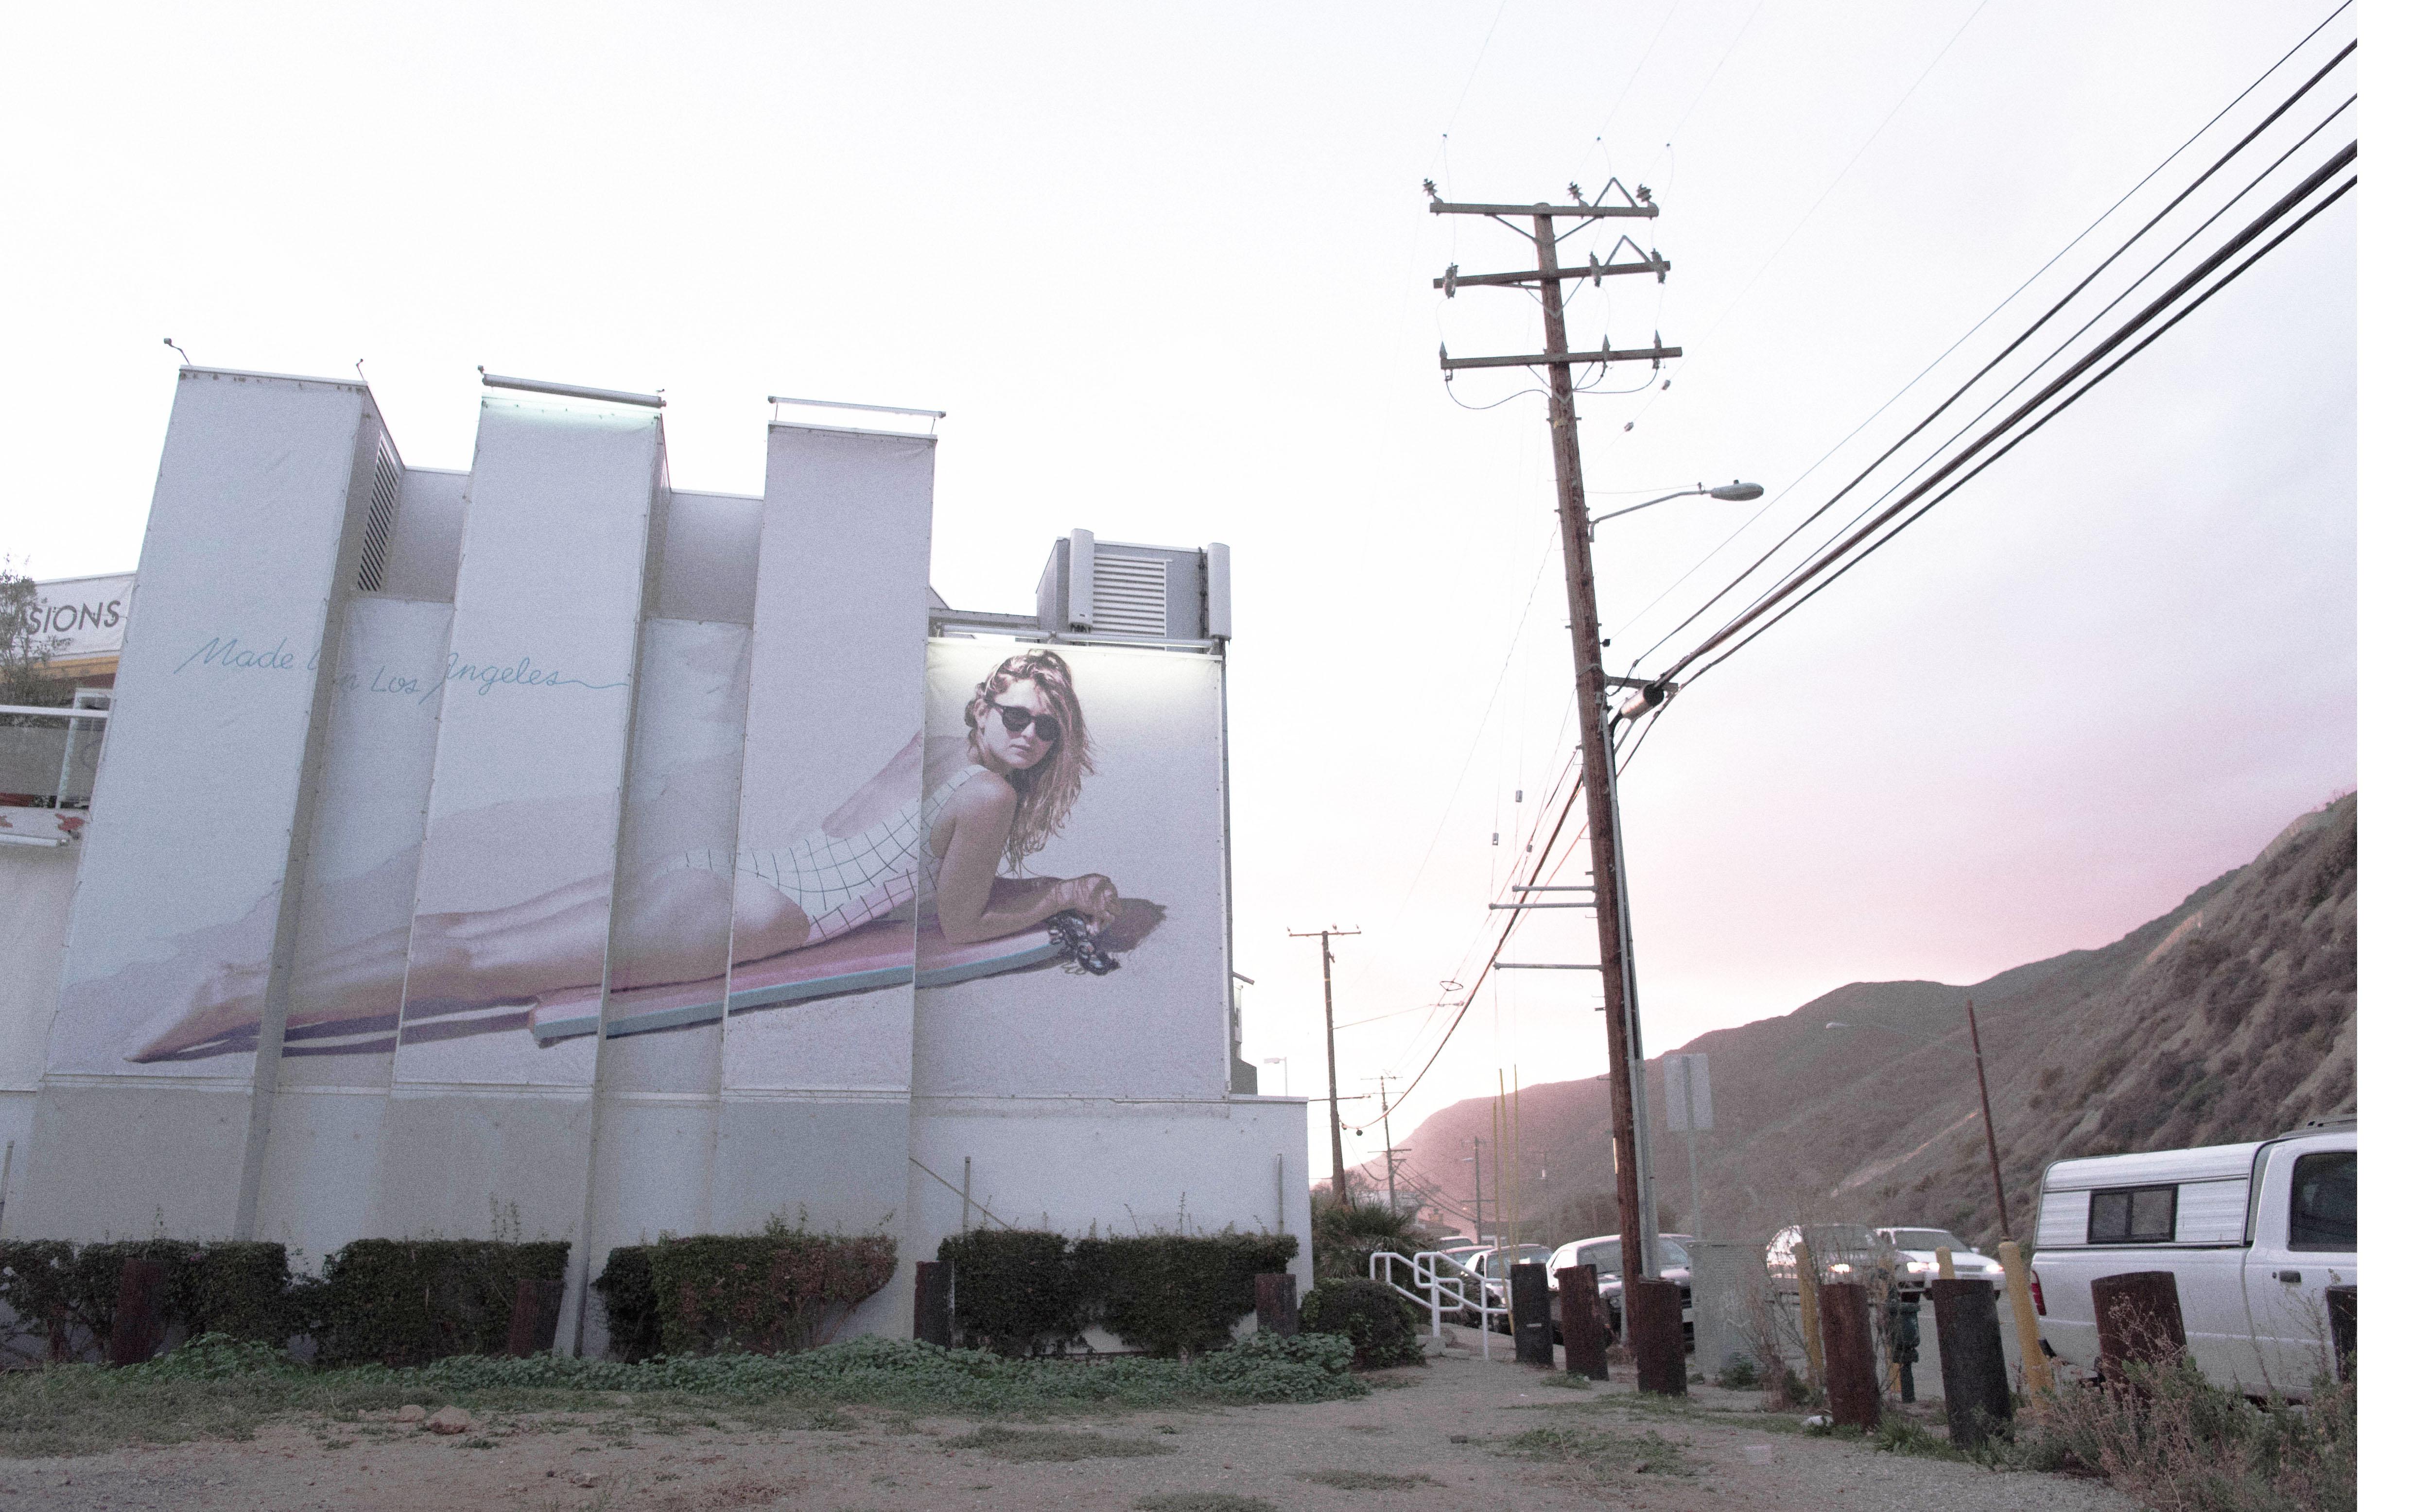 Ana Prodanovich's travelogue in Malibu, California.